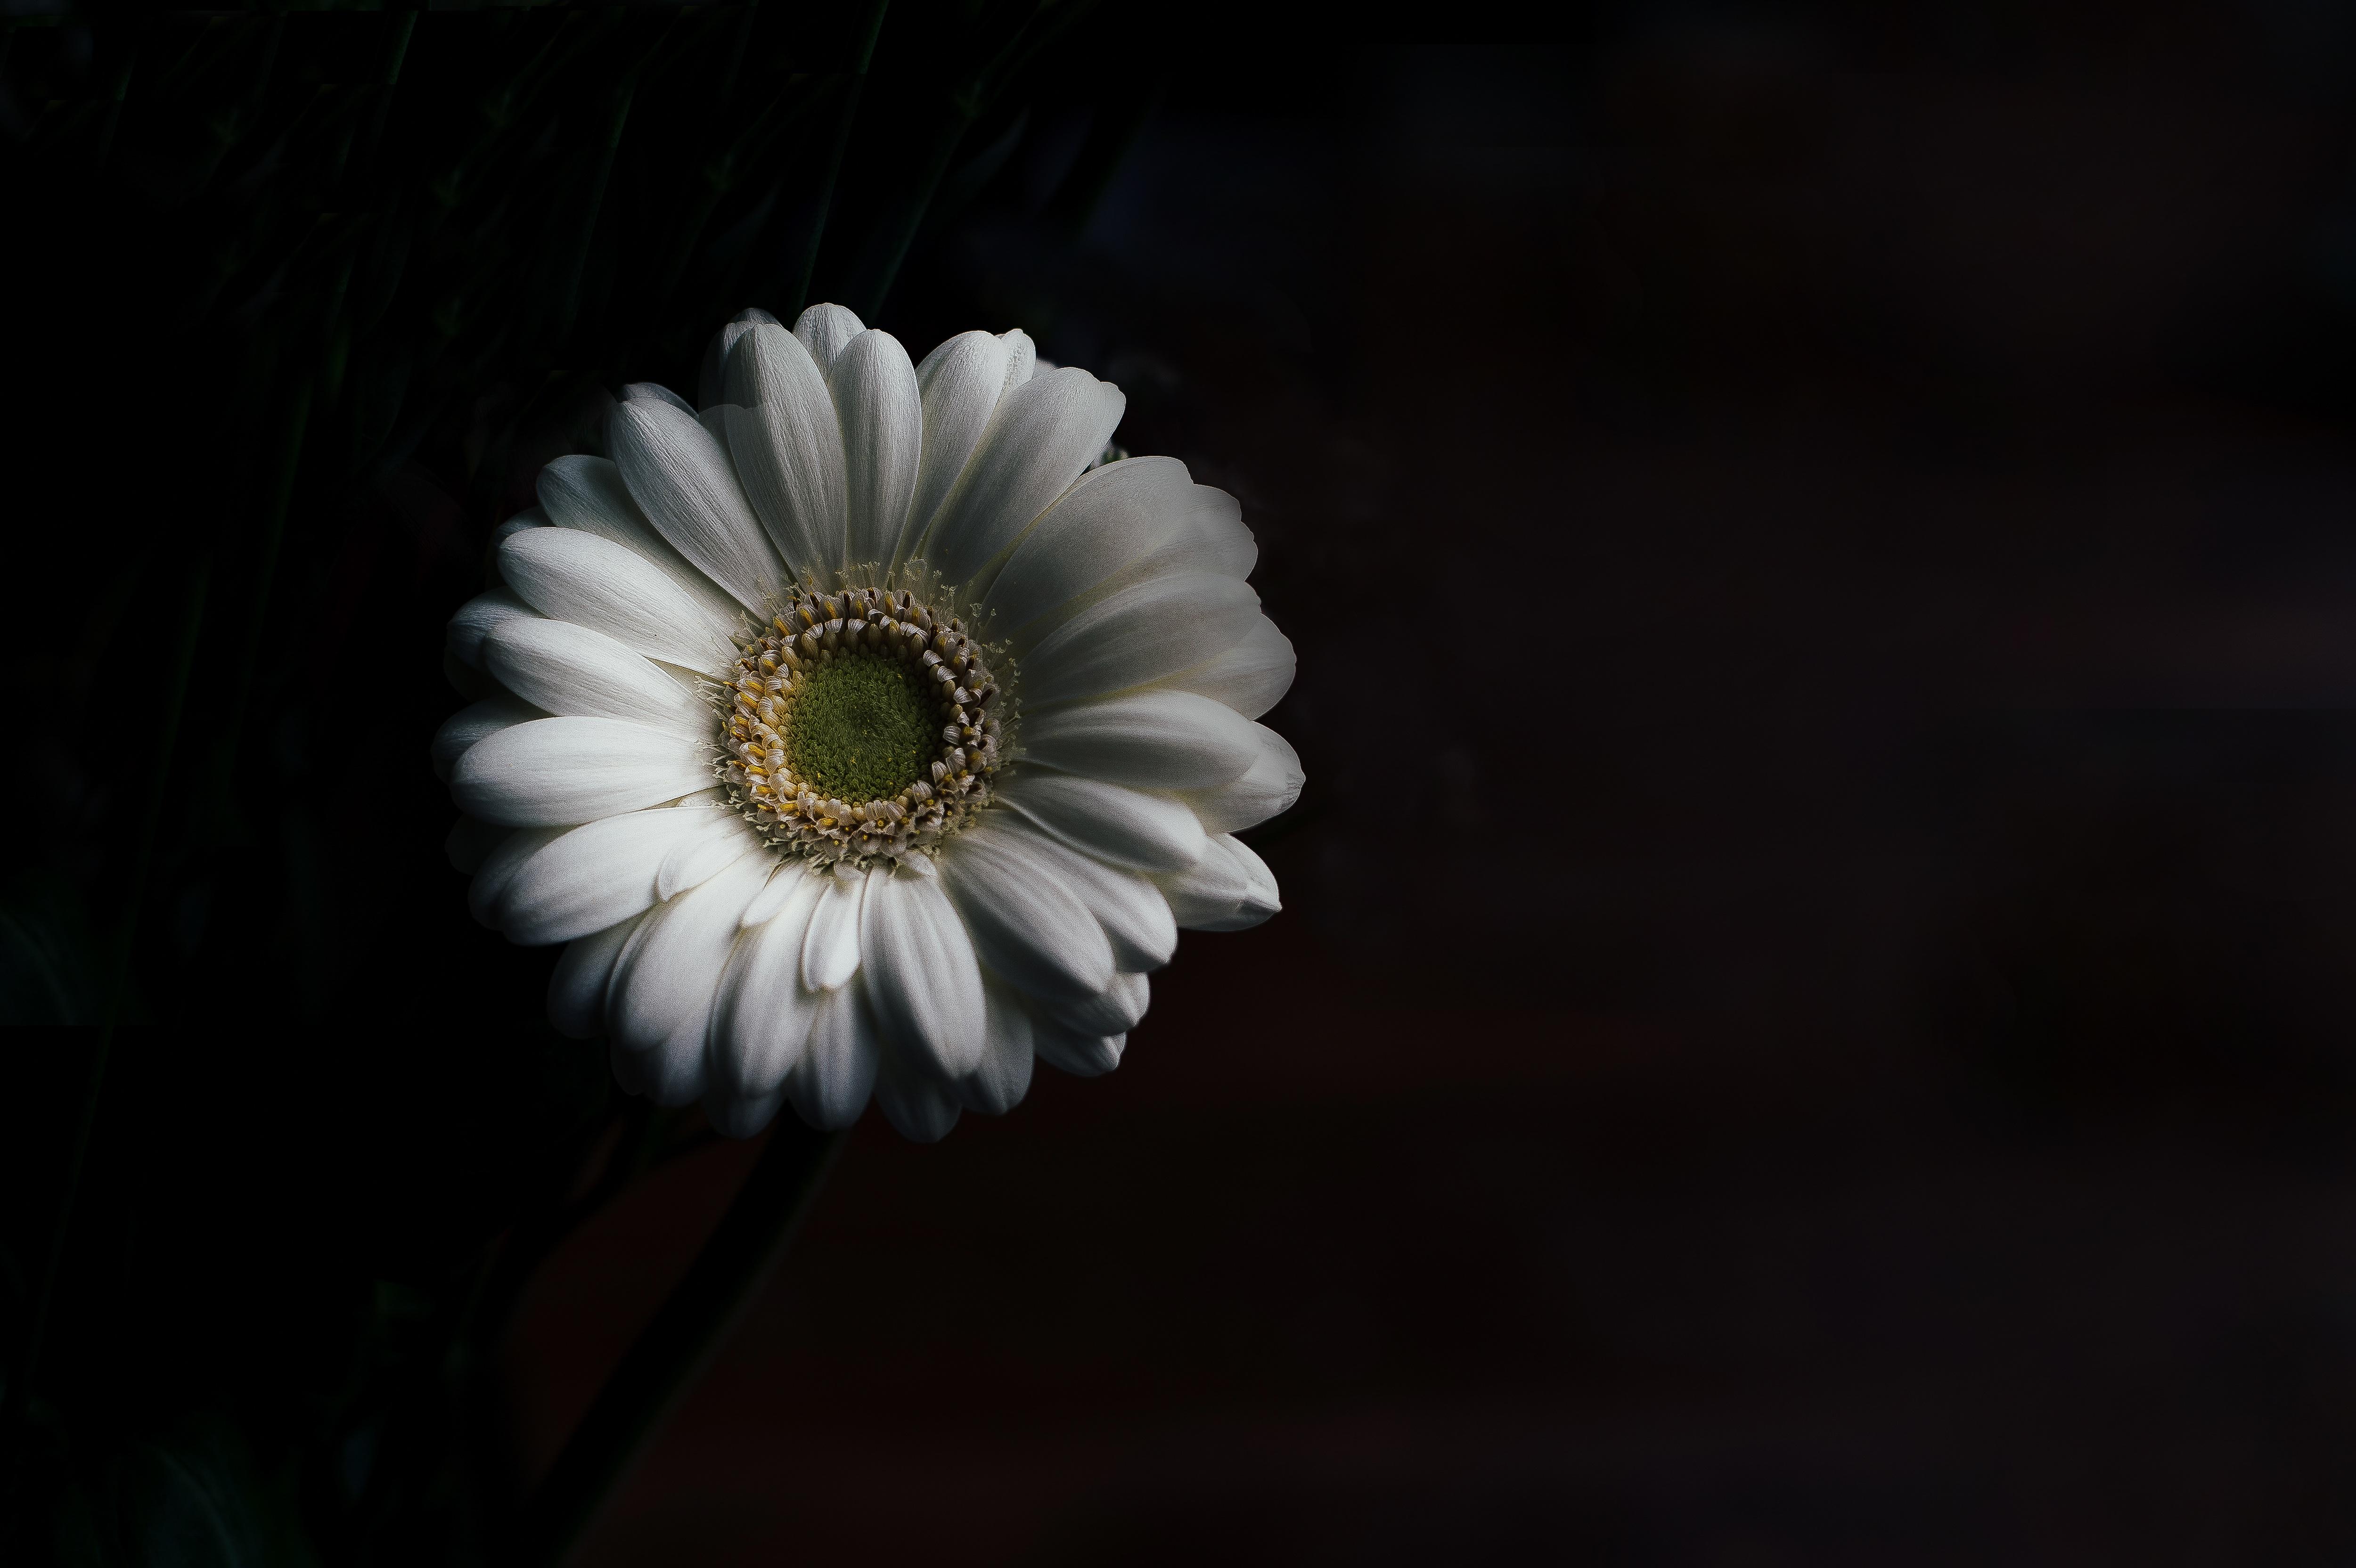 Gambar Hitam Dan Putih Menanam Daun Bunga Gelap Bunga Aster